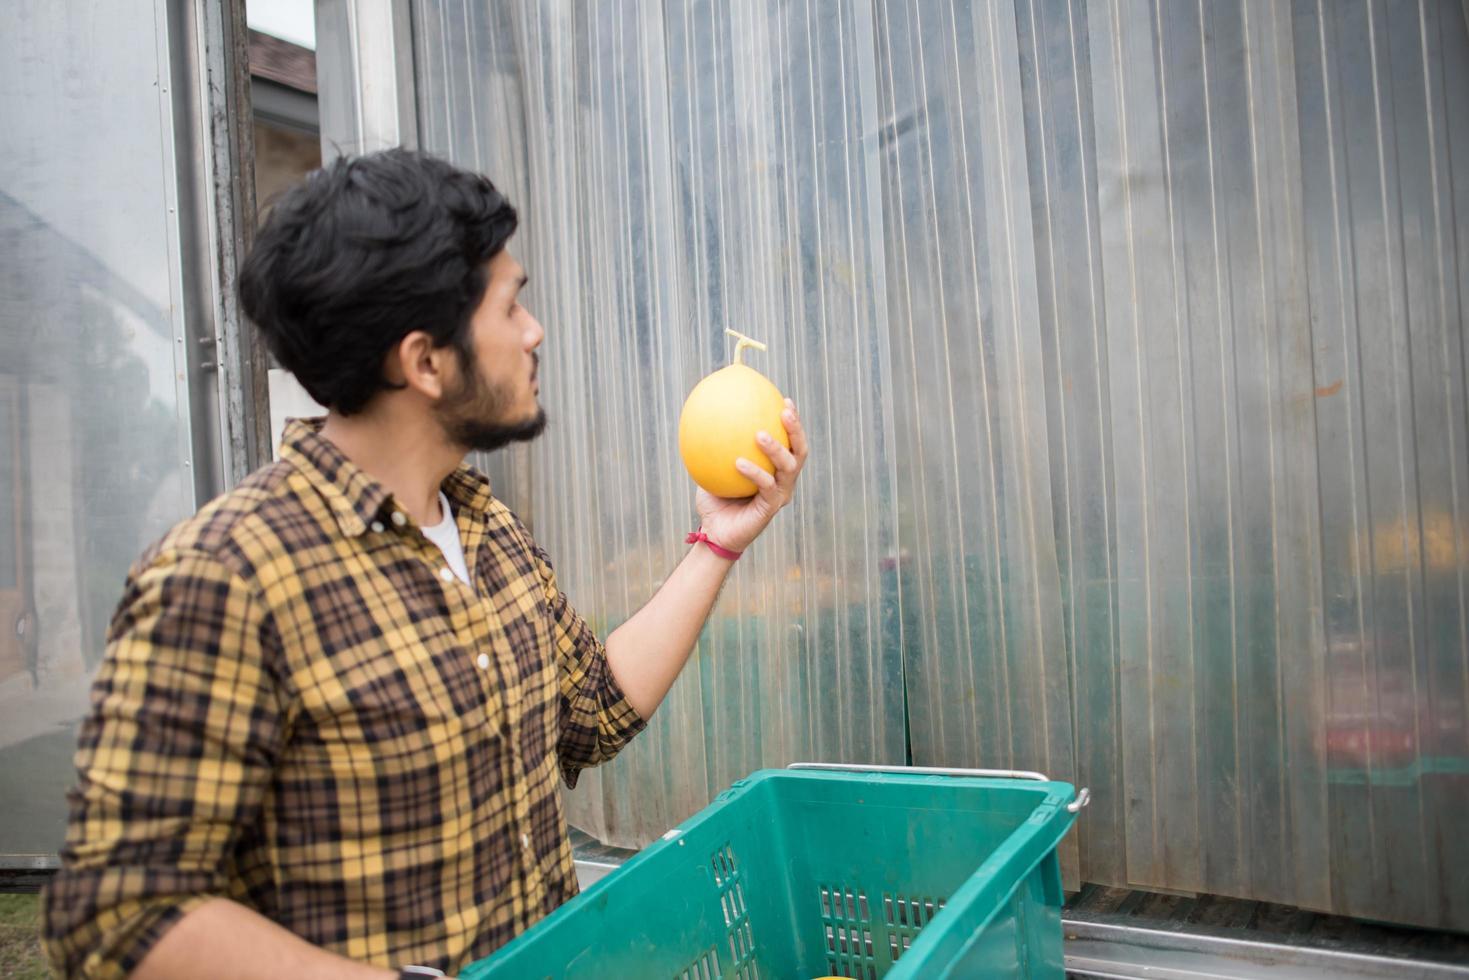 ritratto di un contadino hipster tenendo la scatola di frutta per la vendita sul mercato foto